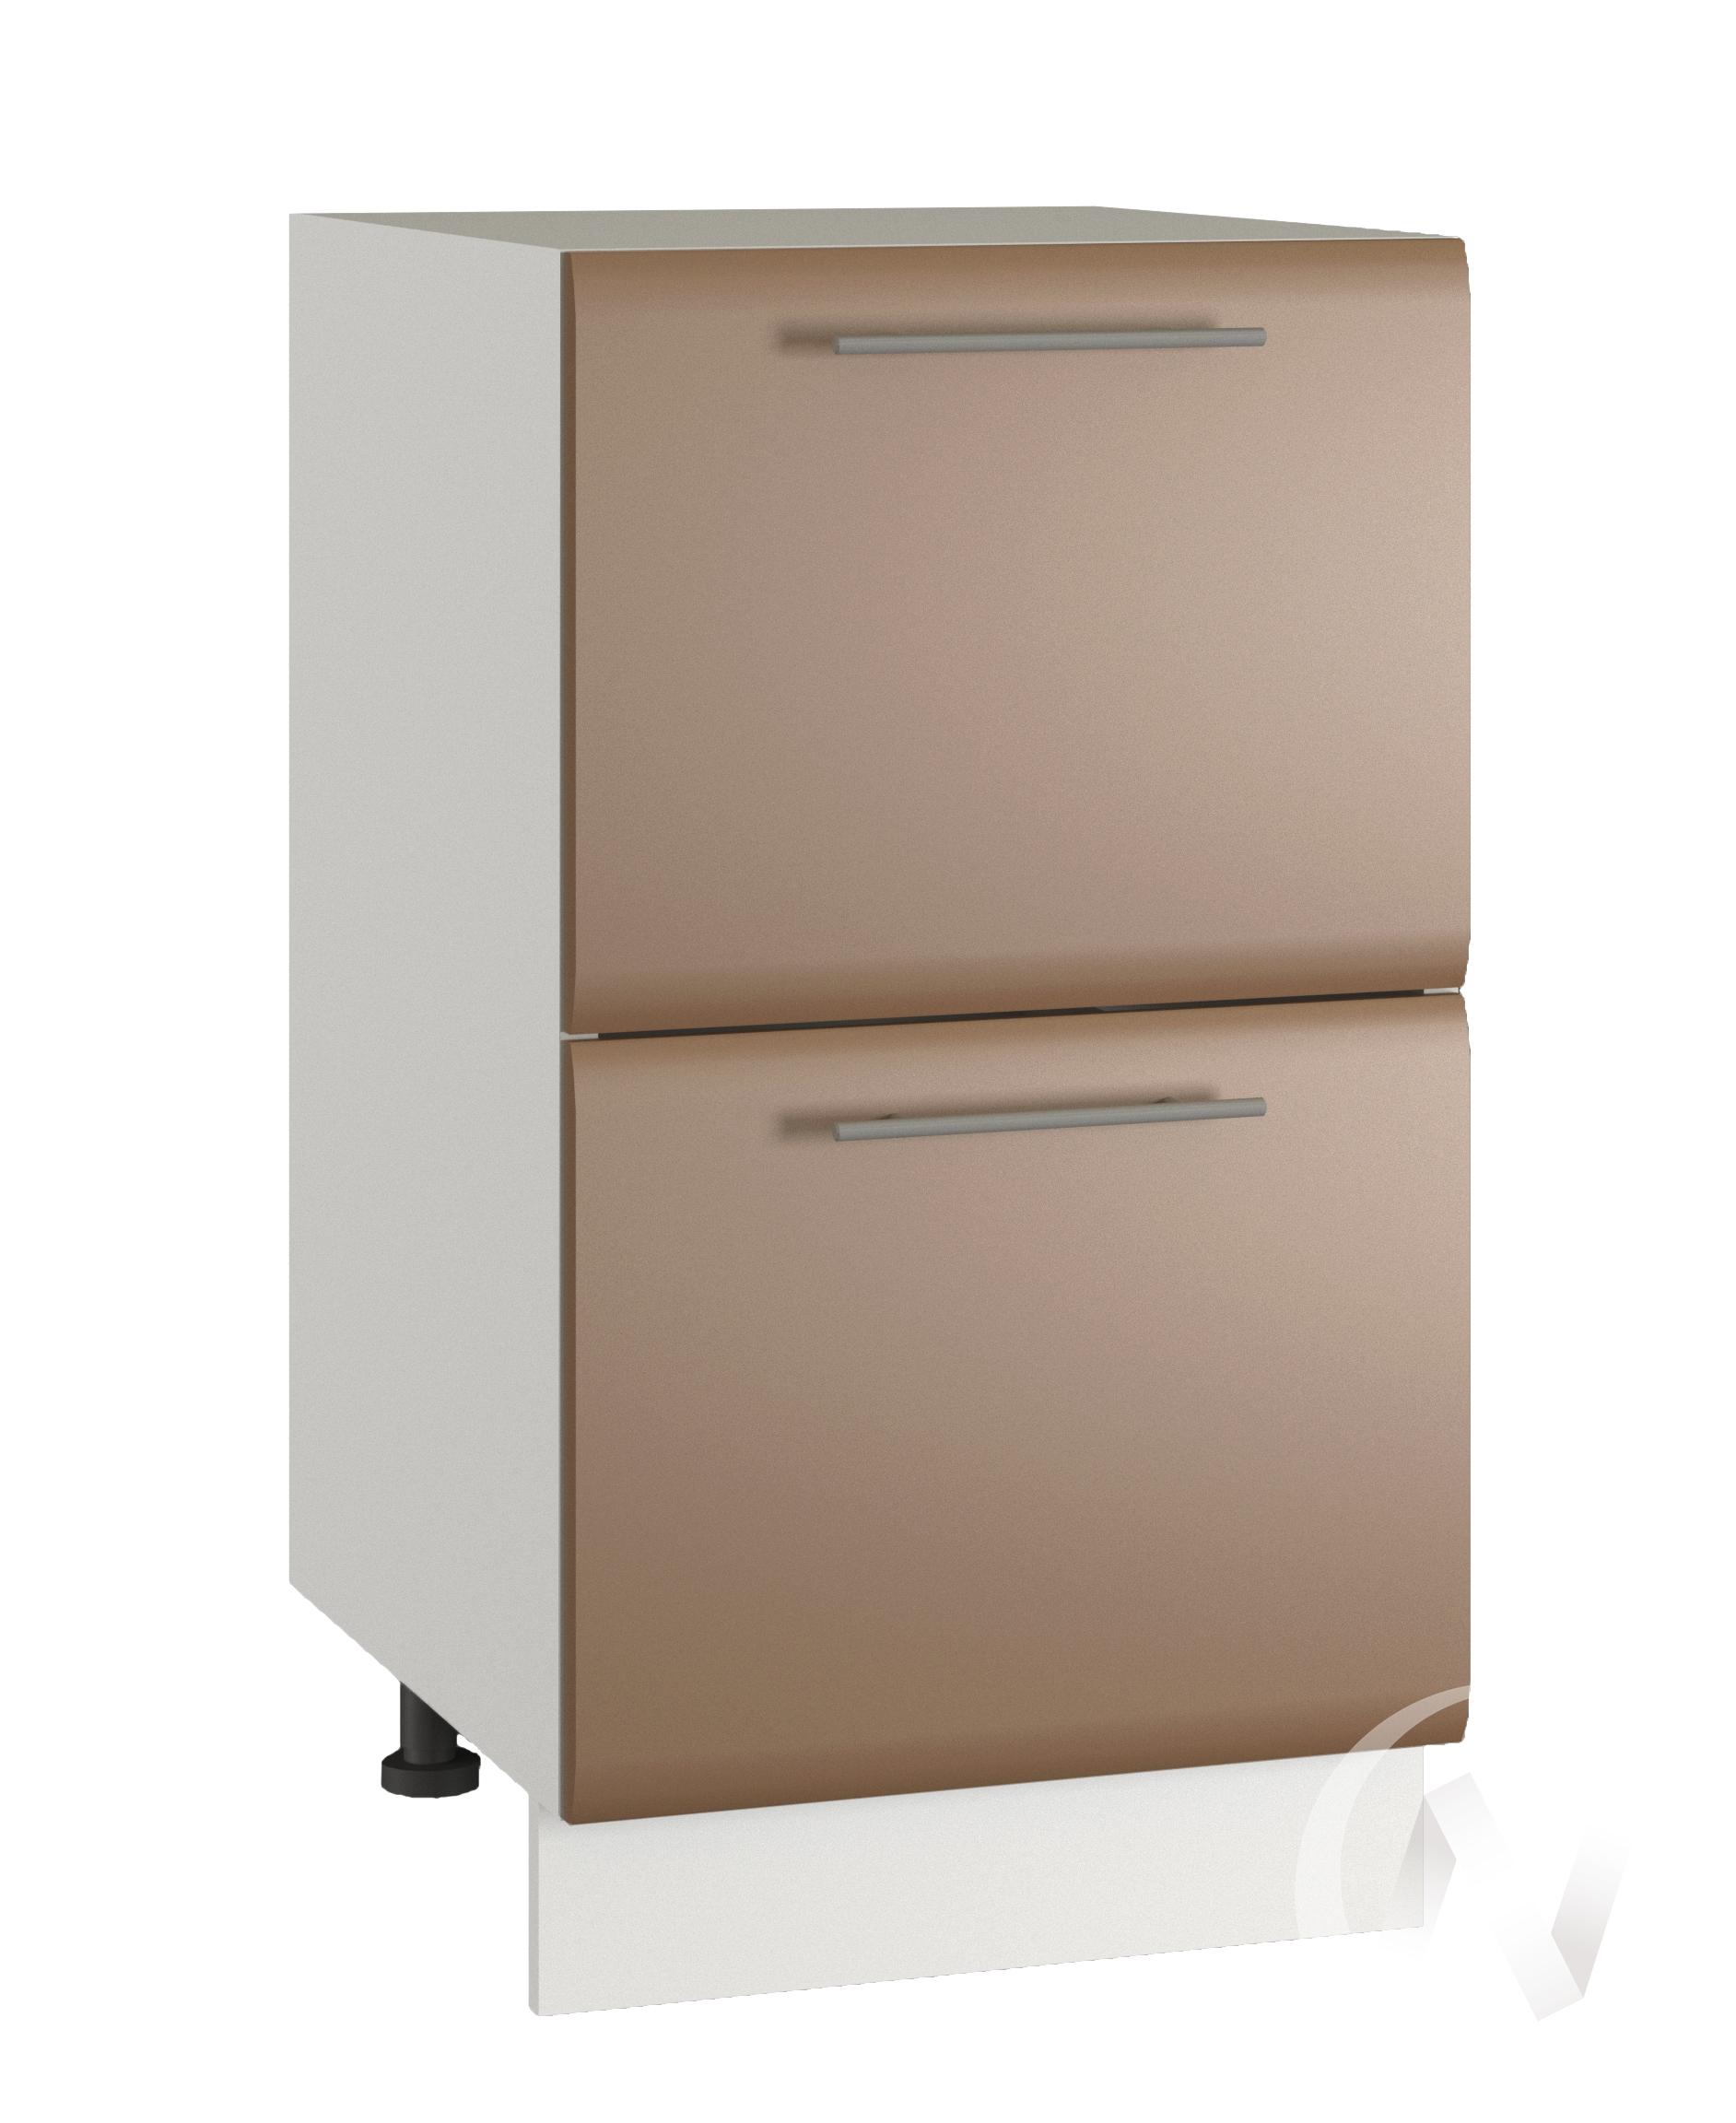 """Кухня """"Люкс"""": Шкаф нижний с 2-мя ящиками 400, ШН2Я 400 (Шоколад матовый/корпус белый)"""